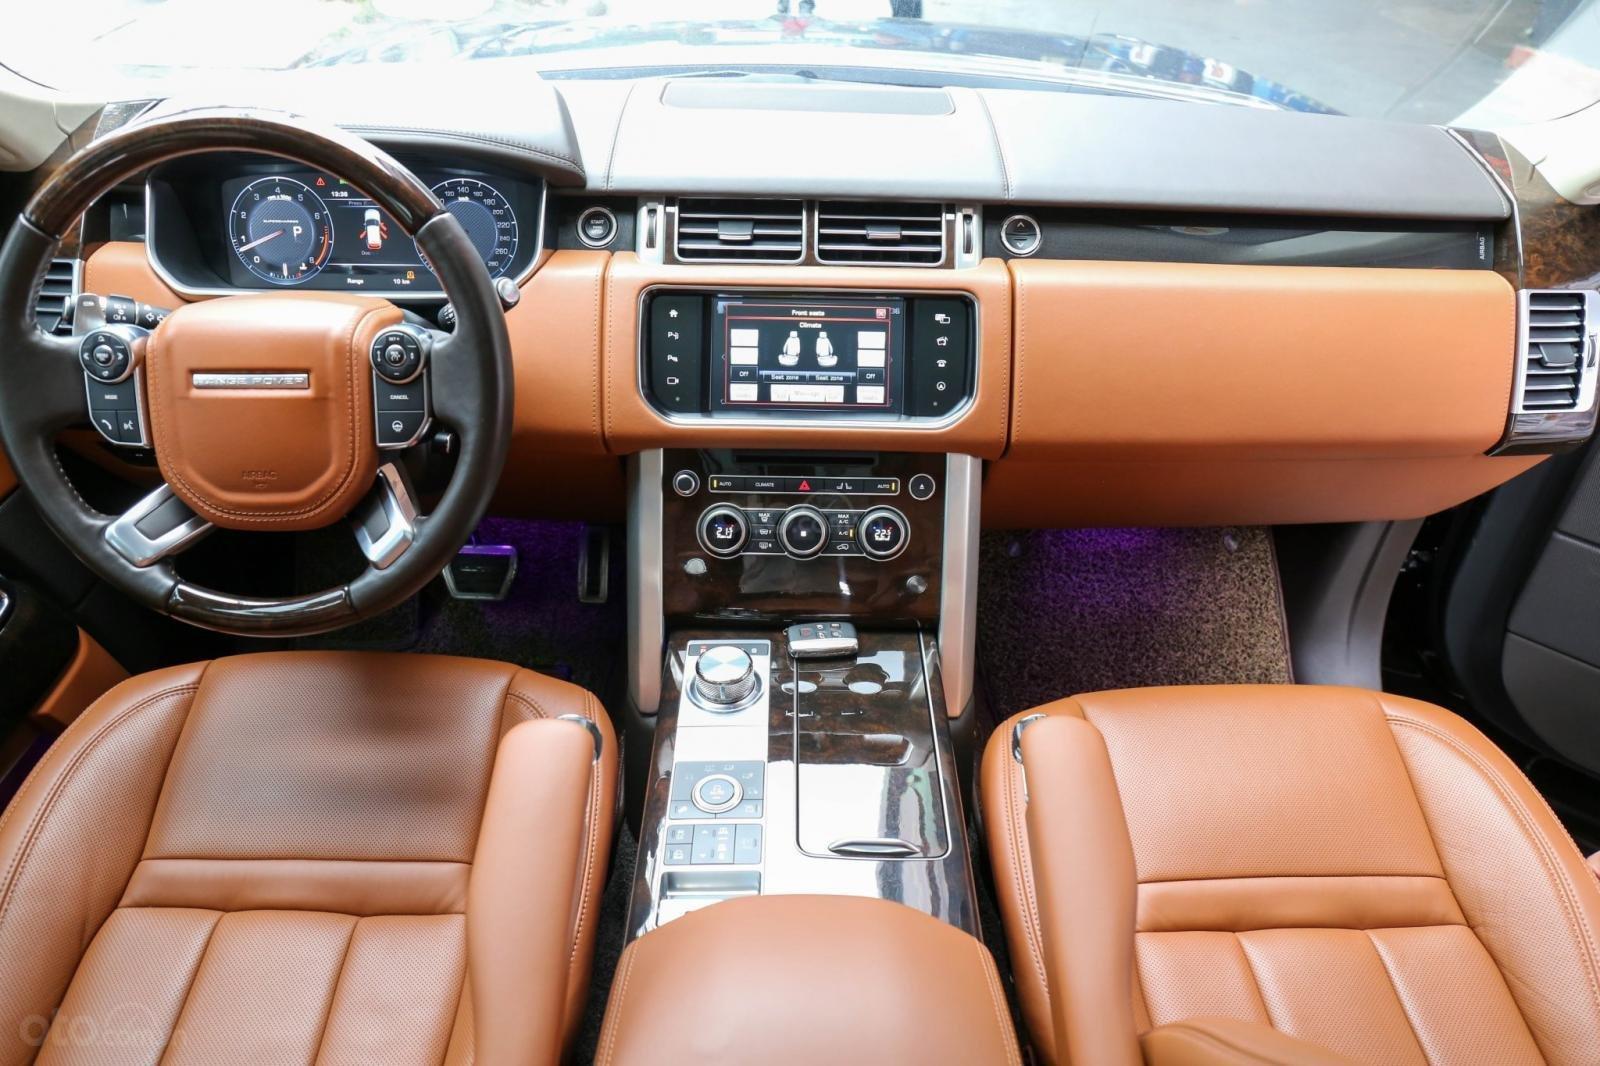 Bán LandRover Range Rover SV Autobiography 5.0 đời 2016, hai màu xám đen, lướt 1v7 km (4)